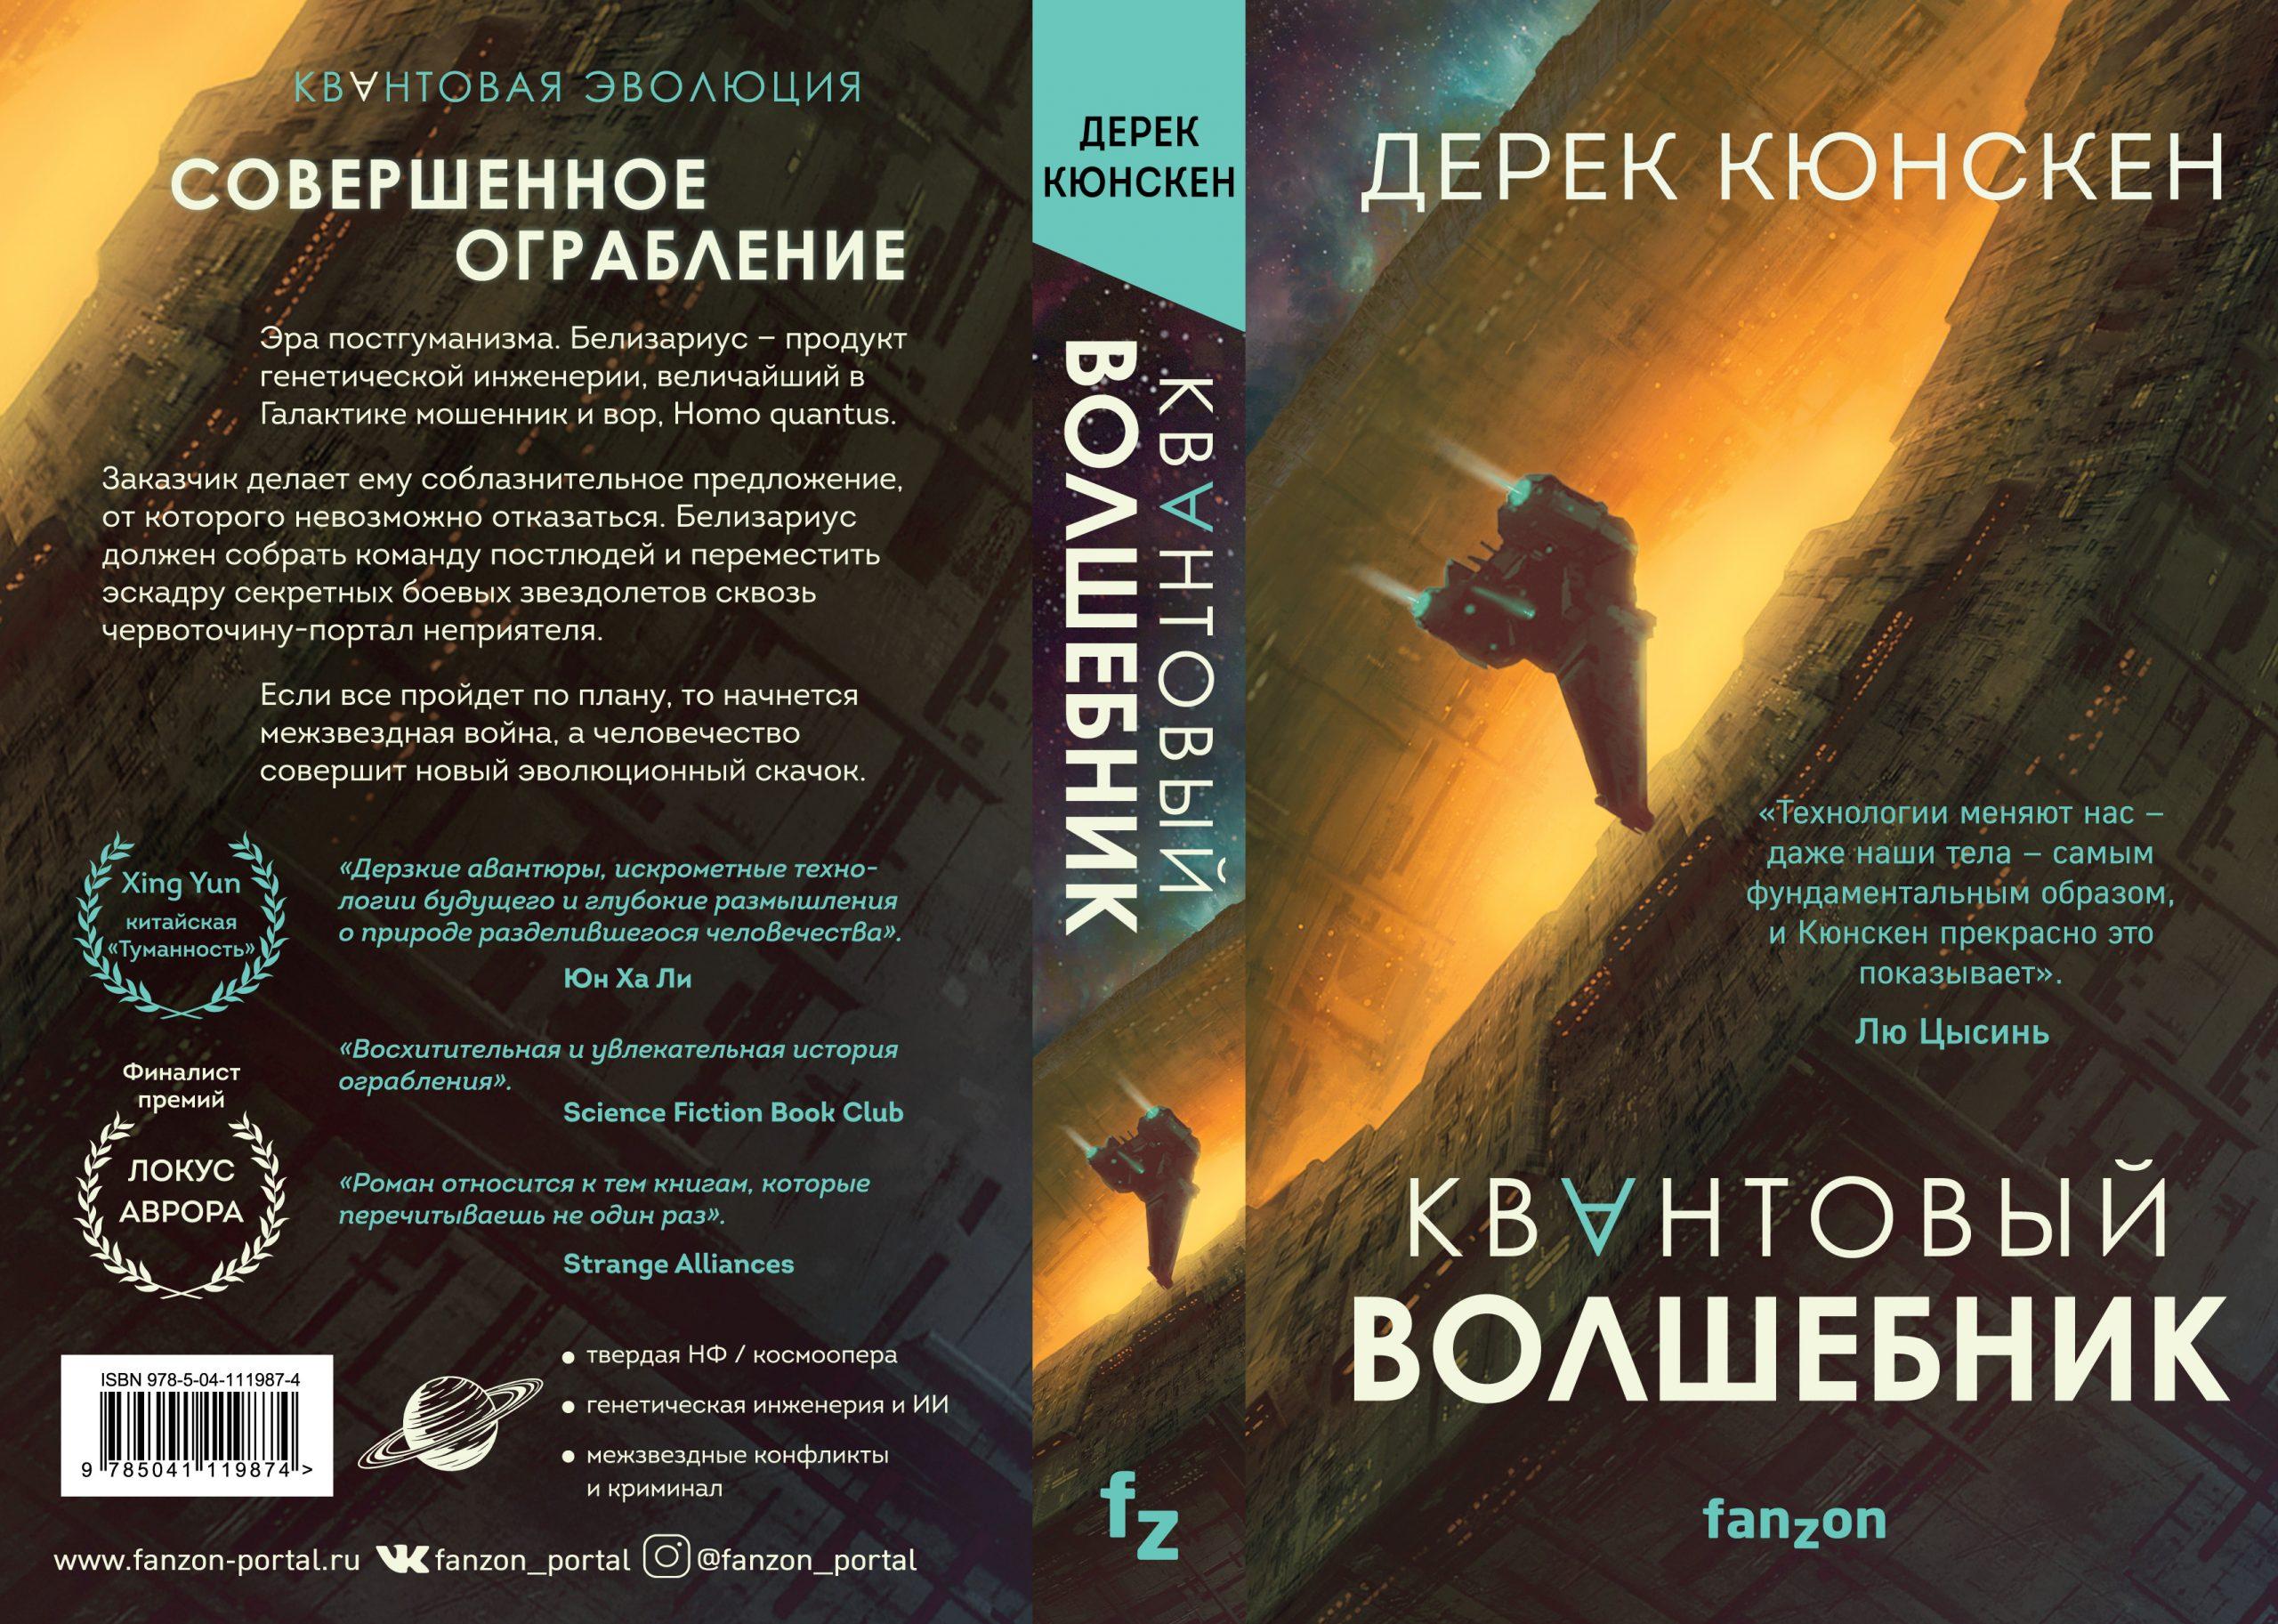 Что почитать: переиздание «Схизматрицы» и НФ-авантюра «Квантовый вошебник» 2